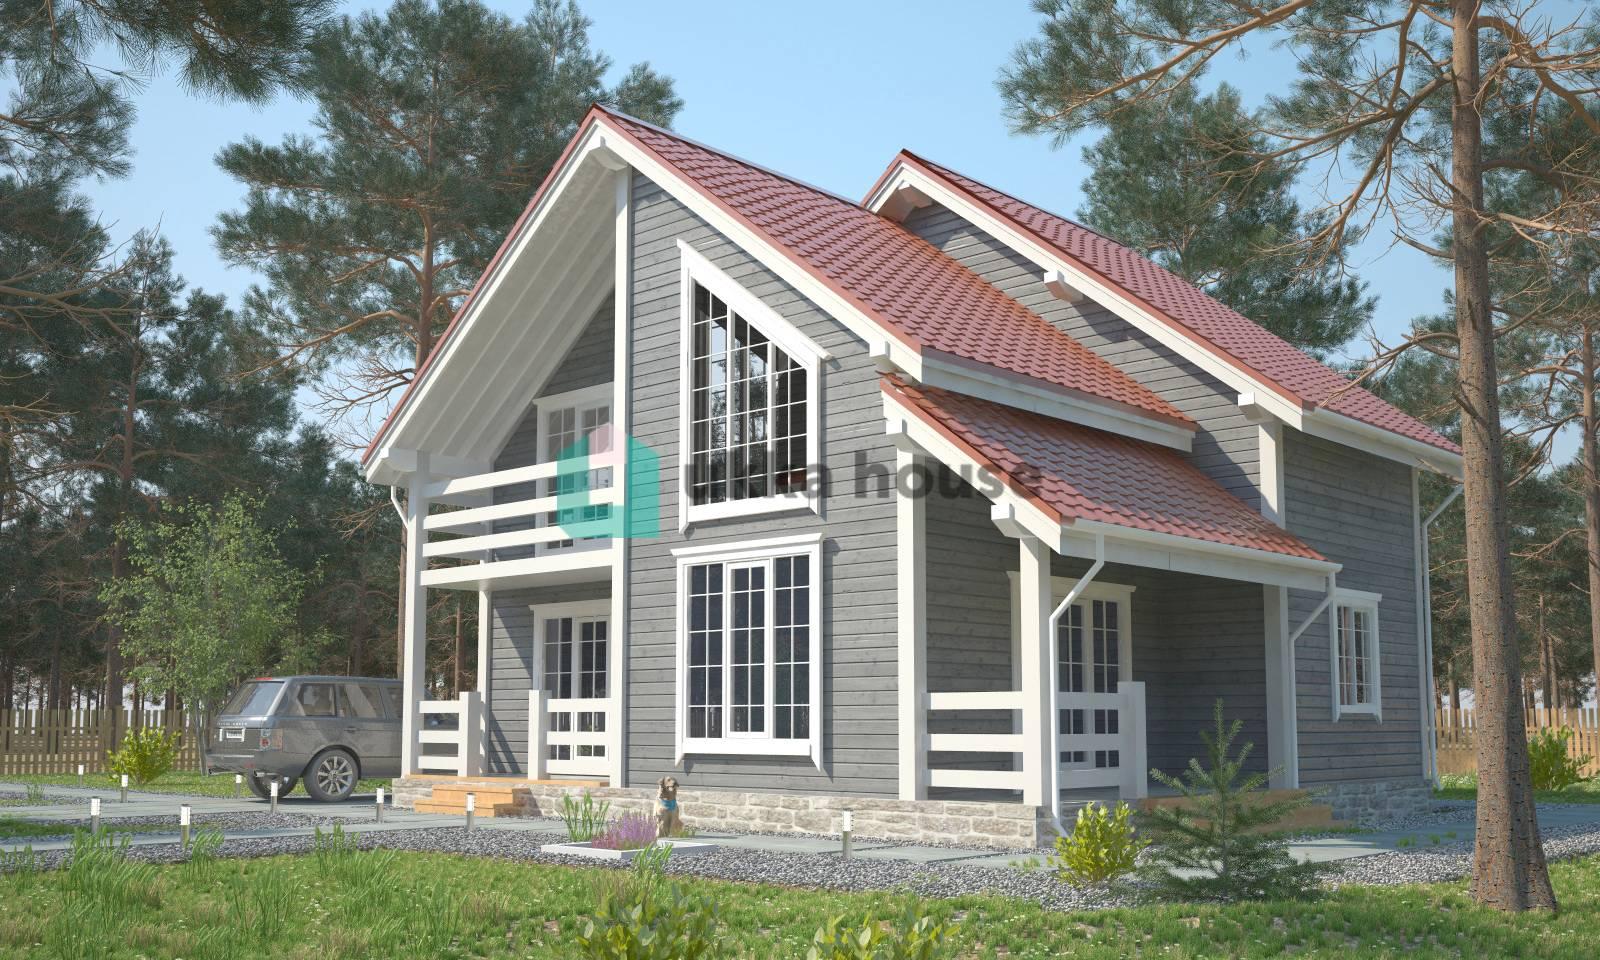 Скандинавский каркасный дом – лучшее решение для петербургской зимы